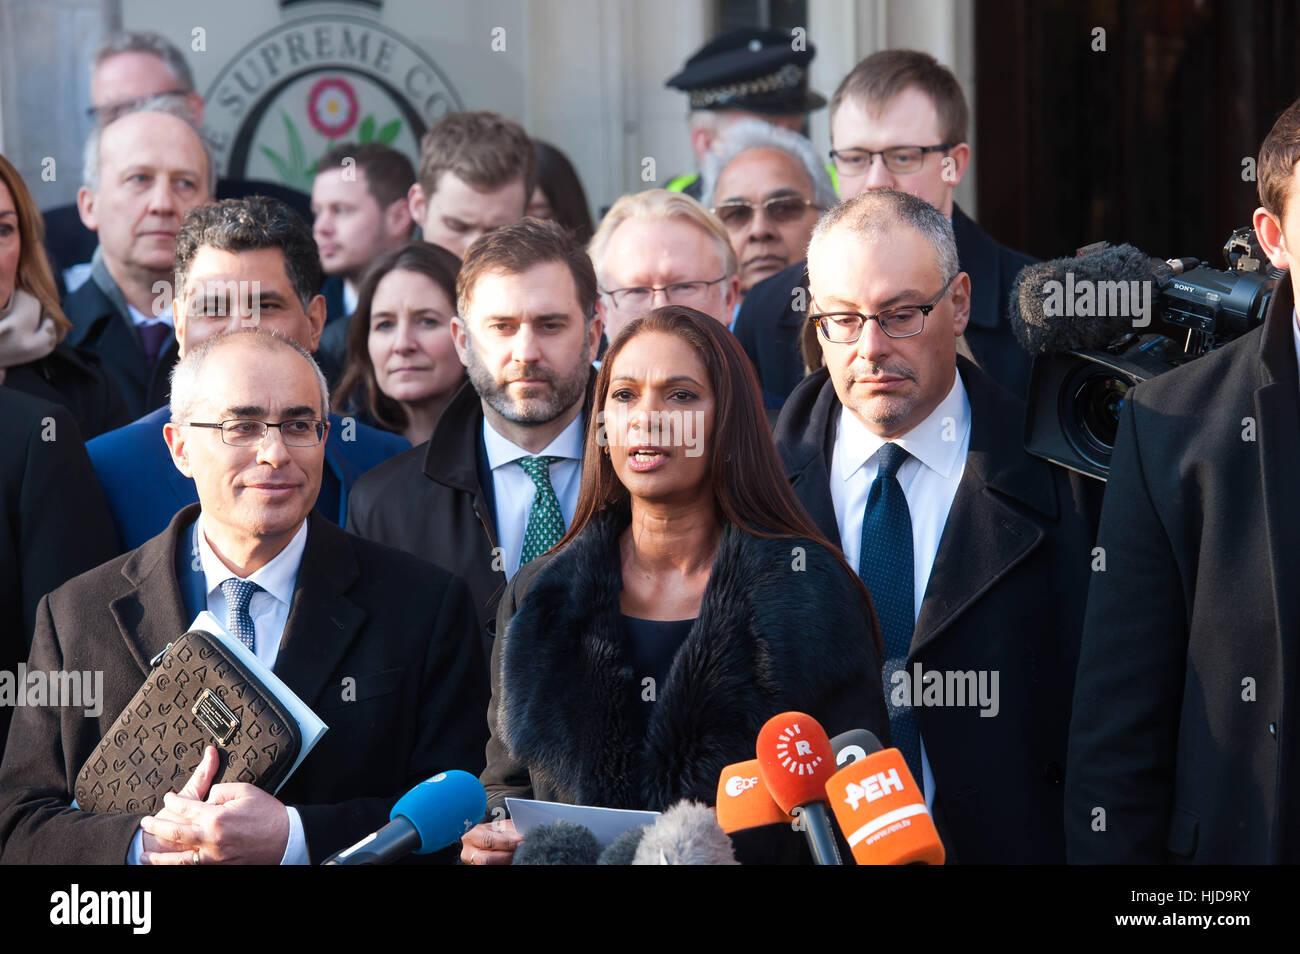 Londres, Royaume-Uni. 24 janvier 2017.Gina Miller s'exprimant après la Cour suprême a rejeté Photo Stock